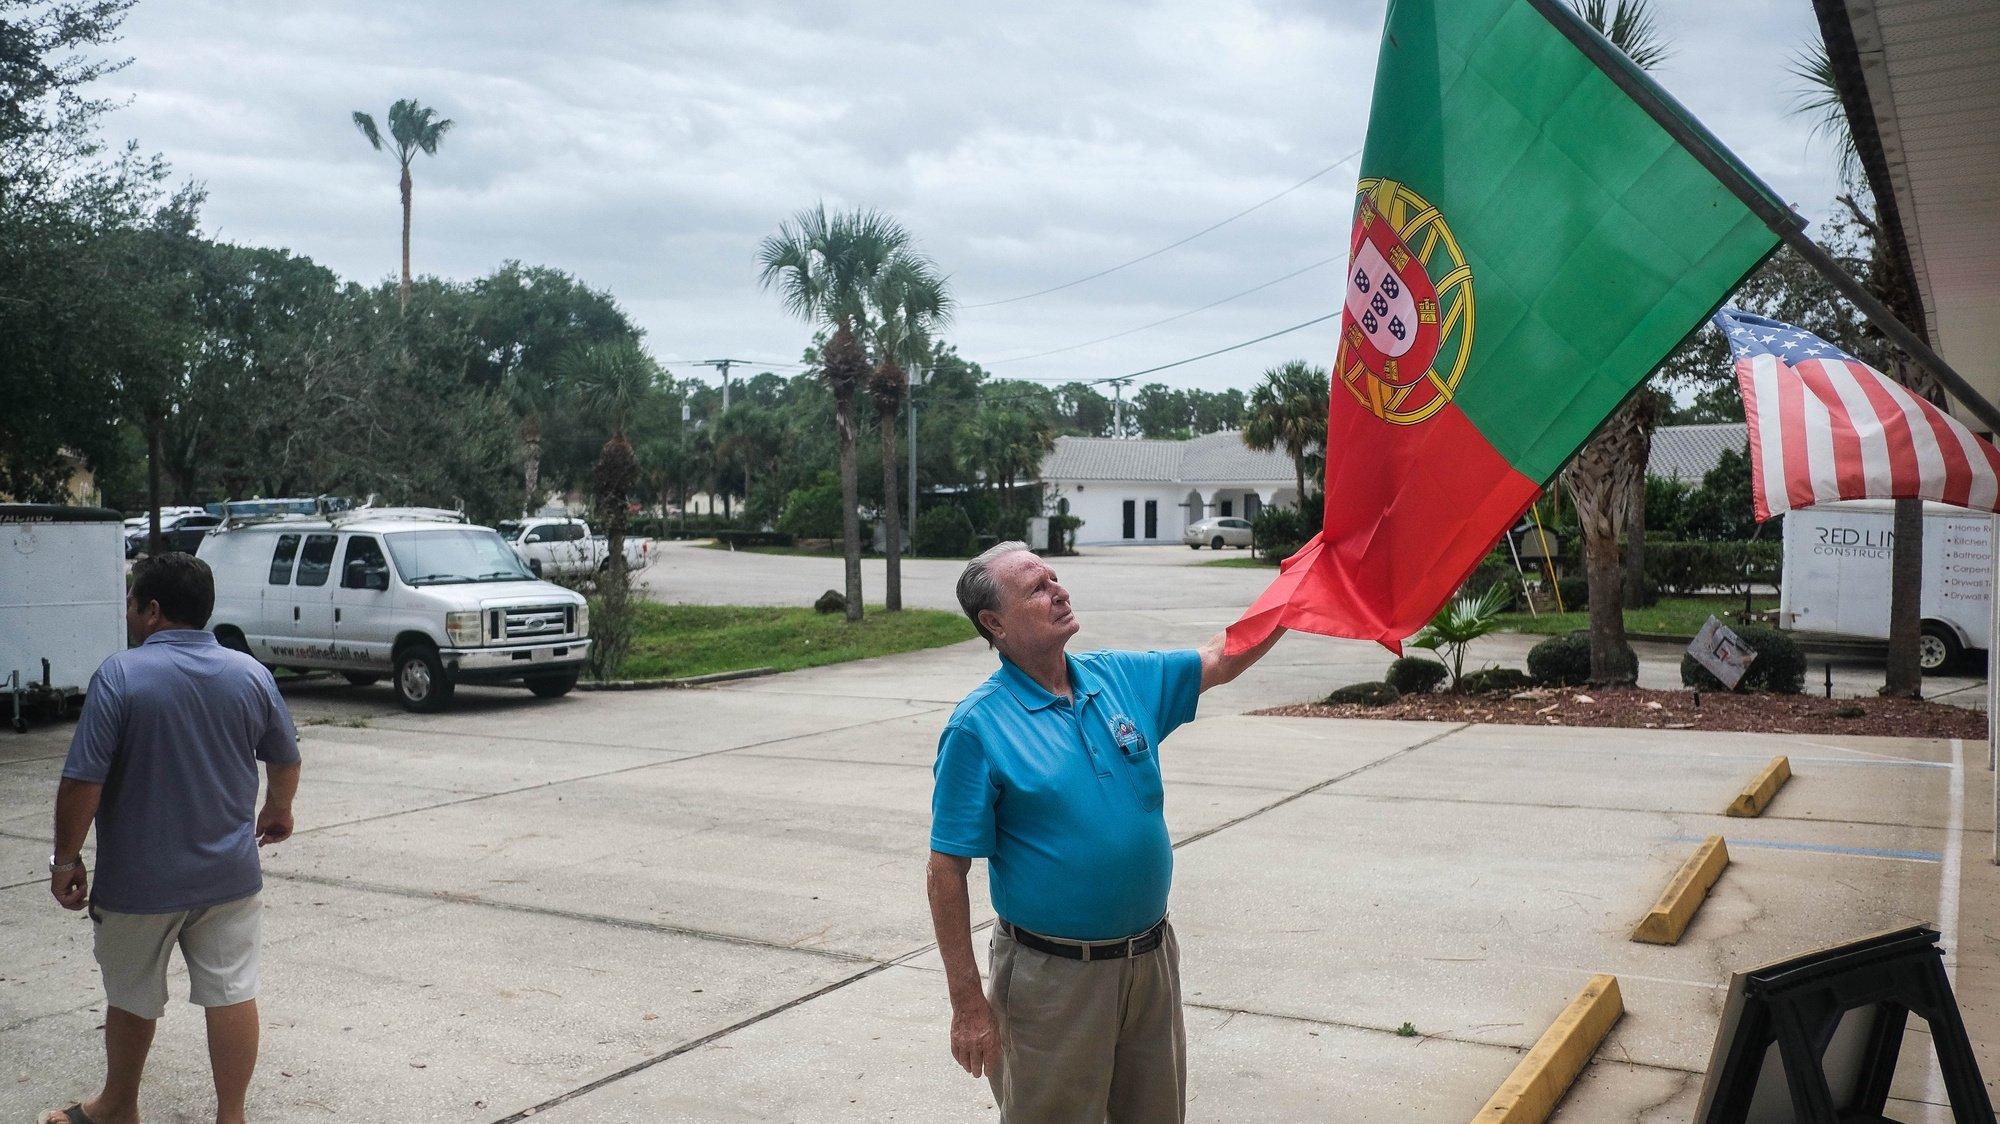 Jorge Santos coloca uma nova bandeira de Portugal na loja de produtos portugueses, em Palm Coast, Florida, Estados Unidos, 21 de outubro de 2020. Nesta cidade vive a maior comunidade portuguesa do estado da Florida constituída por cerca de 7000 pessoas, na maior parte empresários e reformados do estado de Nova Iorque. (ACOMPANHA TEXTO DO DIA 22 DE OUTUBRO DE 2020) MÁRIO CRUZ/LUSA